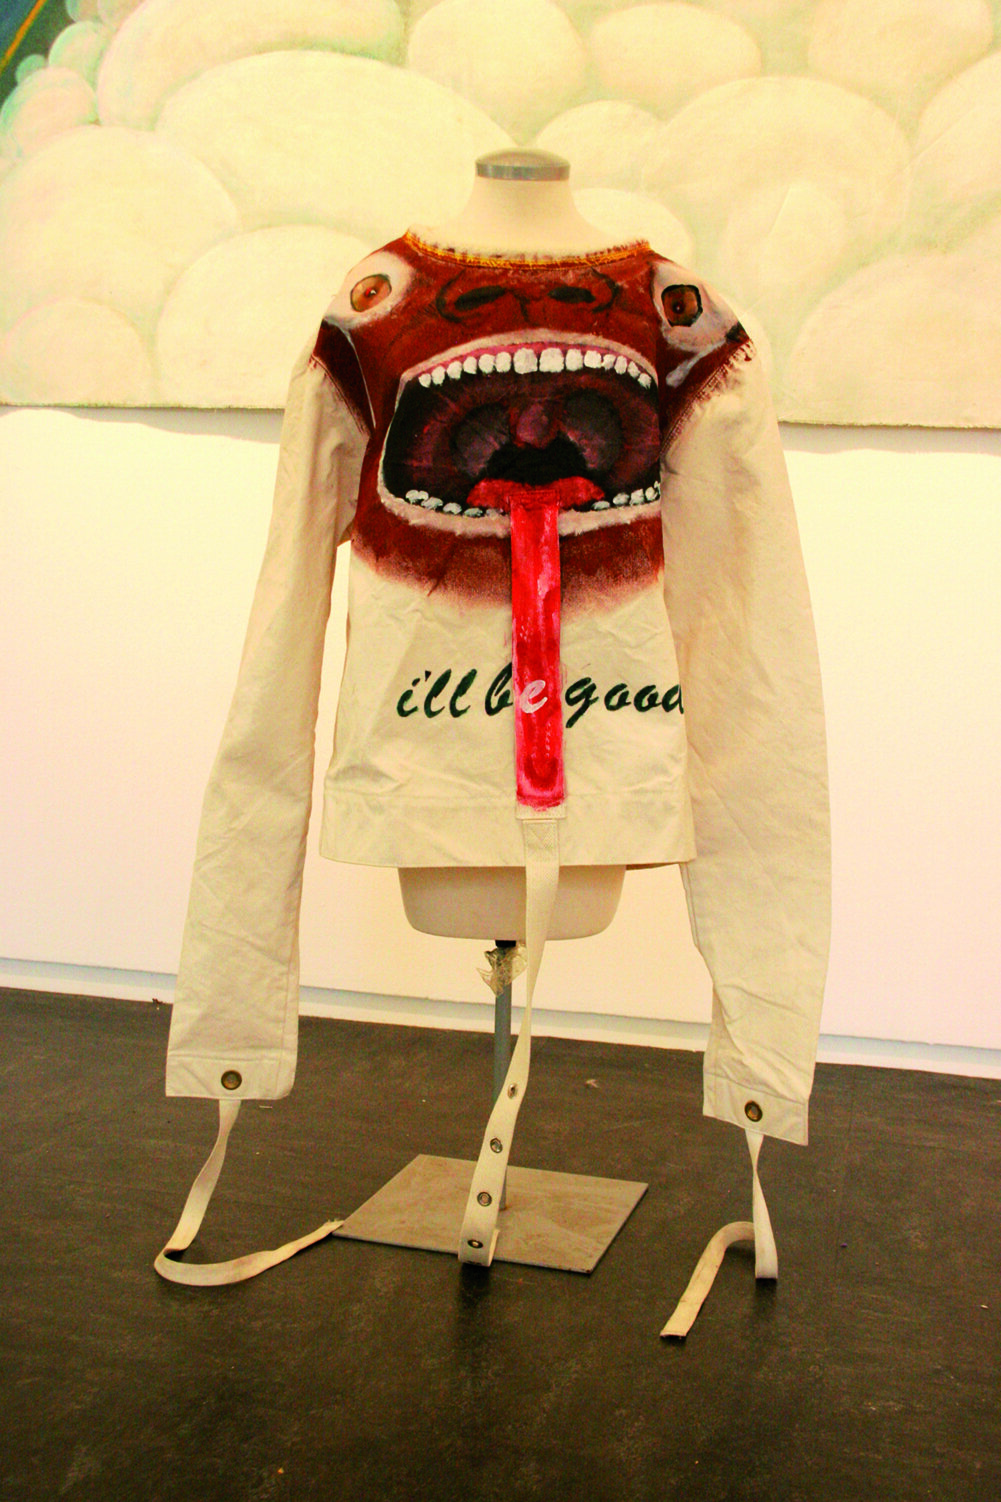 Issa Ibrahim Straitjacket photo in FOUNTAIN Gallery kopiëren.jpg